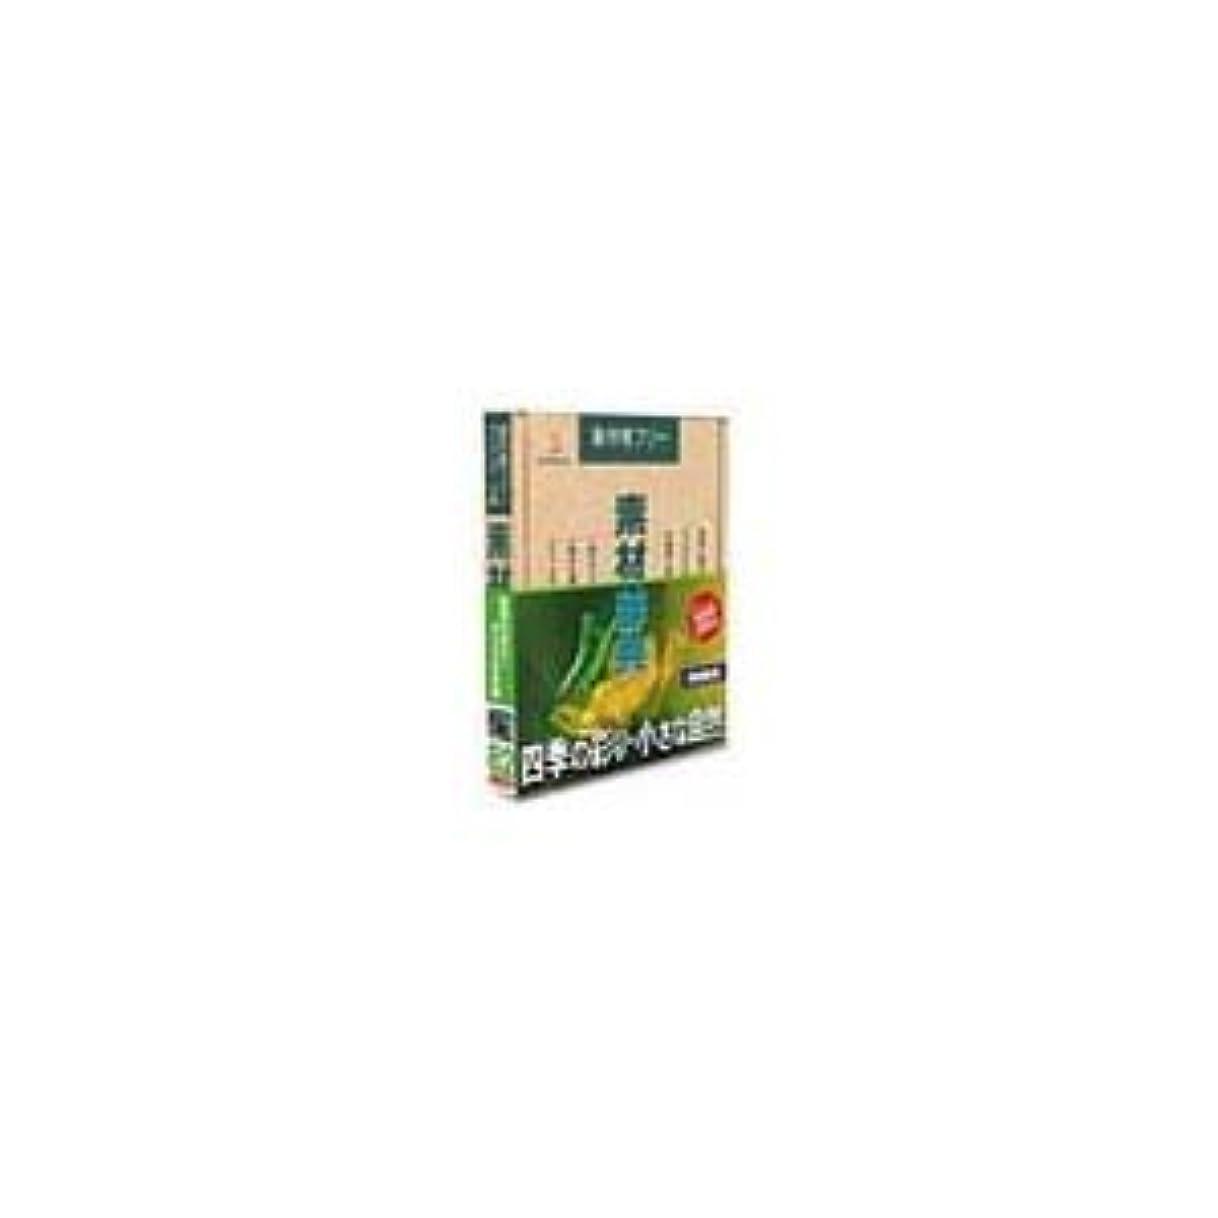 ポーズシャンパン屋内写真素材 素材辞典Vol.82 四季の彩り 小さな自然